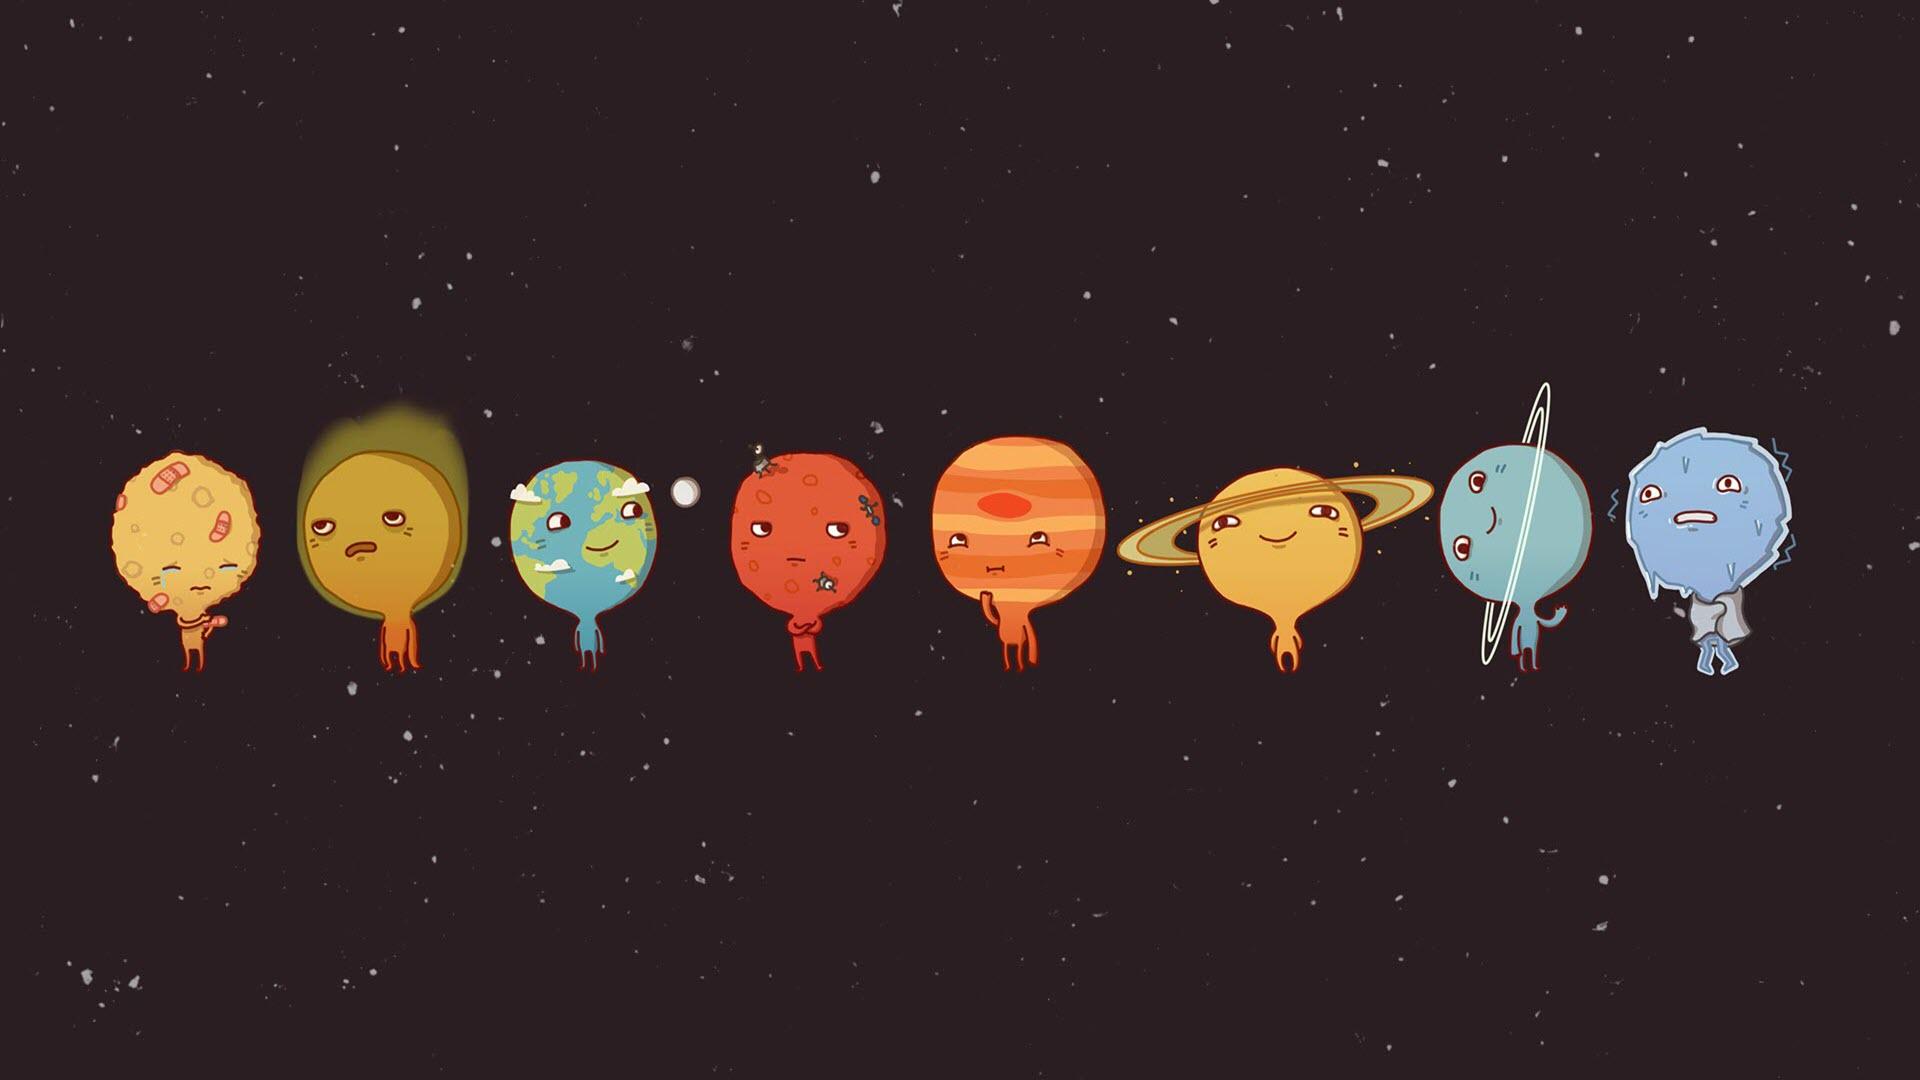 Ảnh nền ngộ nghĩnh về vũ trụ